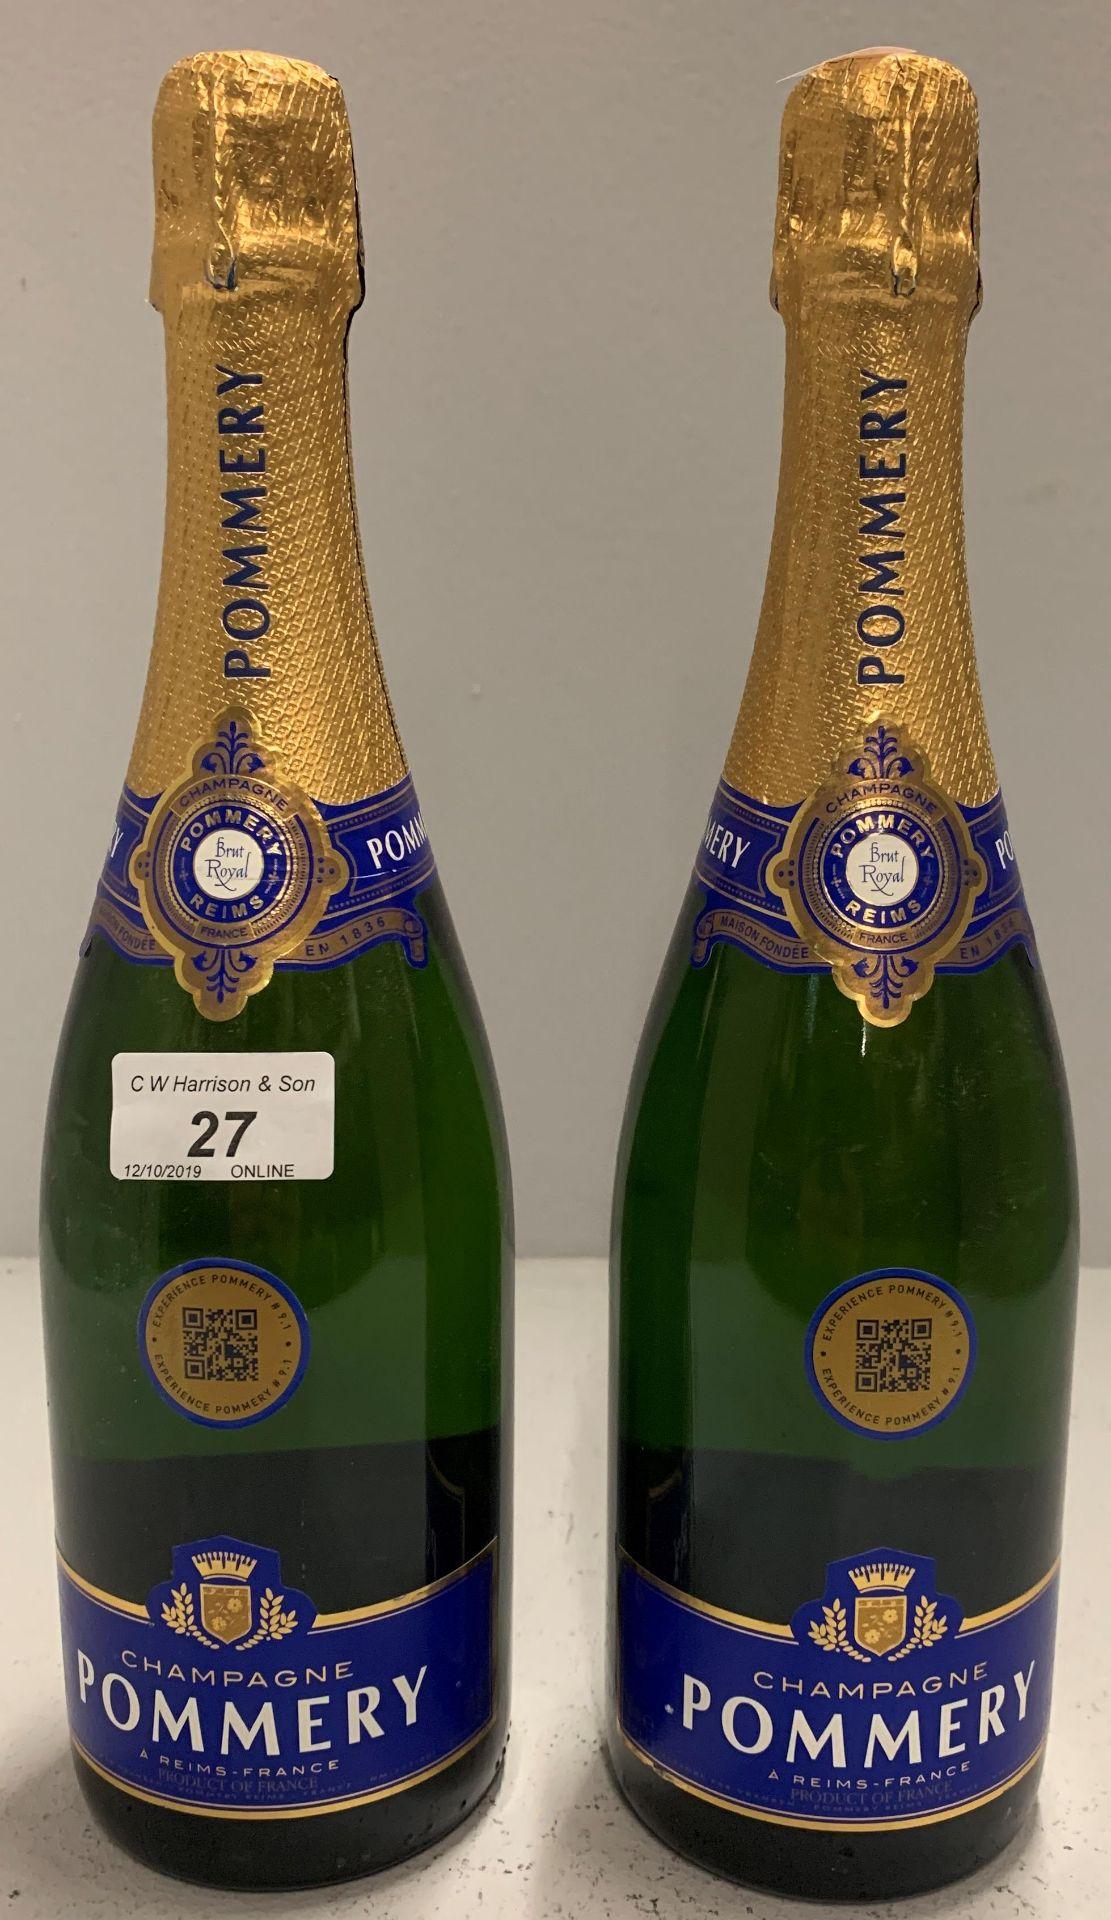 Lot 27 - 2 x 750ml bottles Pommery Champagne